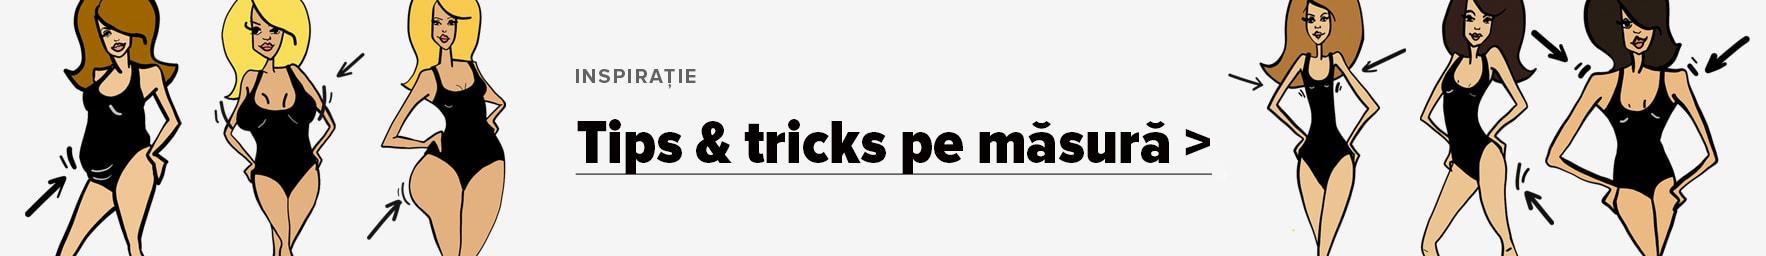 Tips & tricks pe masura